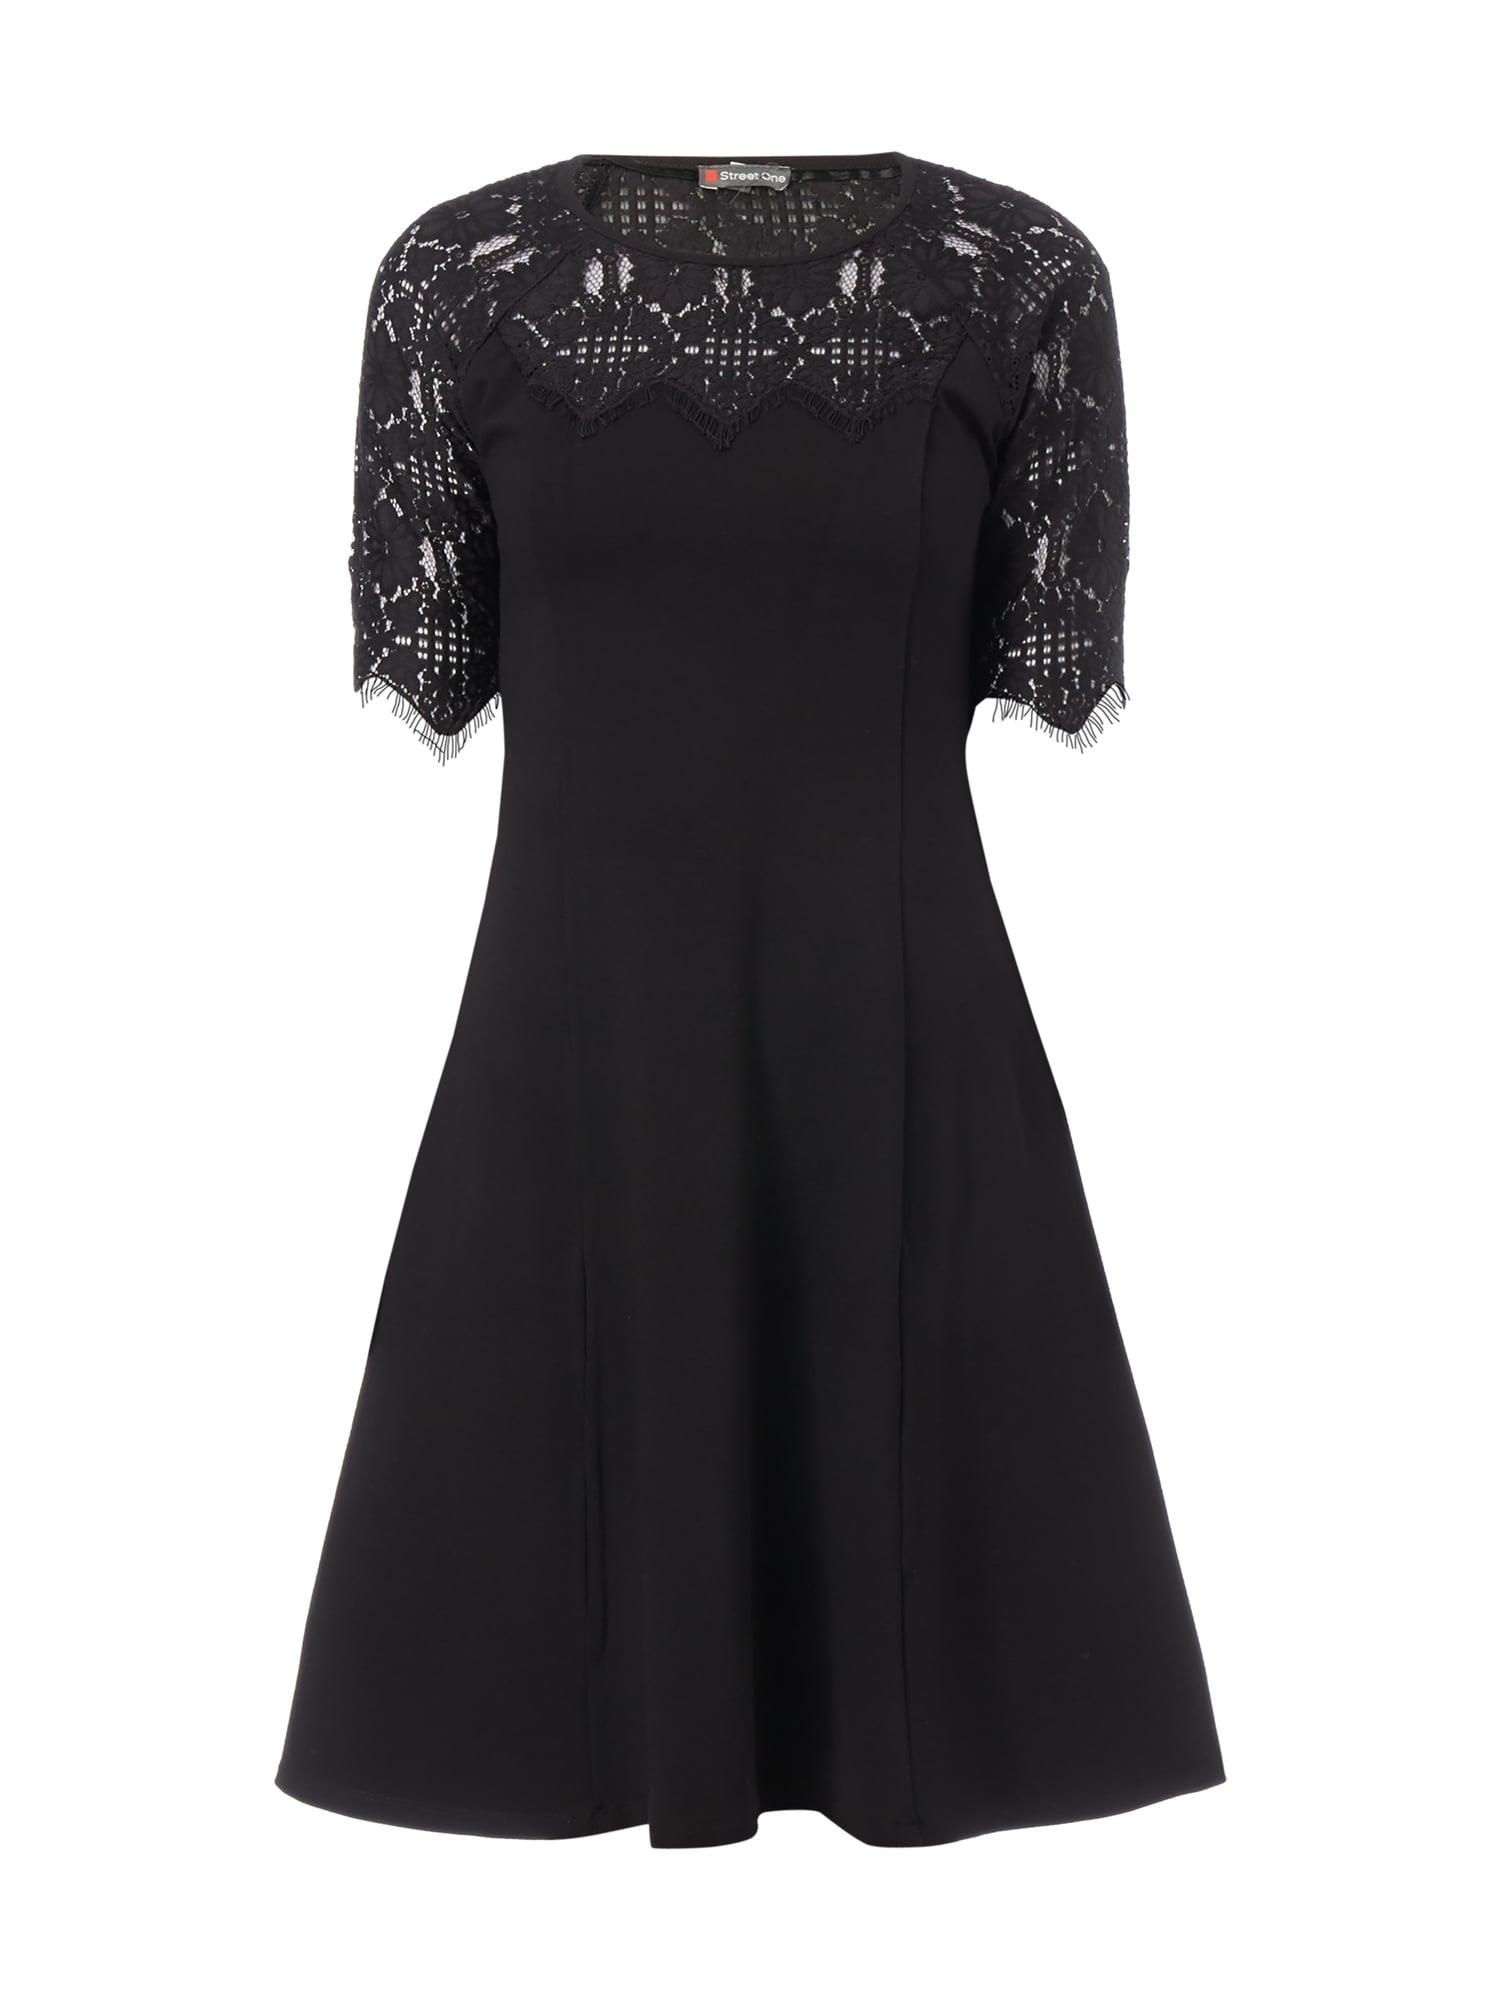 13 Elegant Kleid Schwarz Spitze Spezialgebiet20 Einfach Kleid Schwarz Spitze Bester Preis